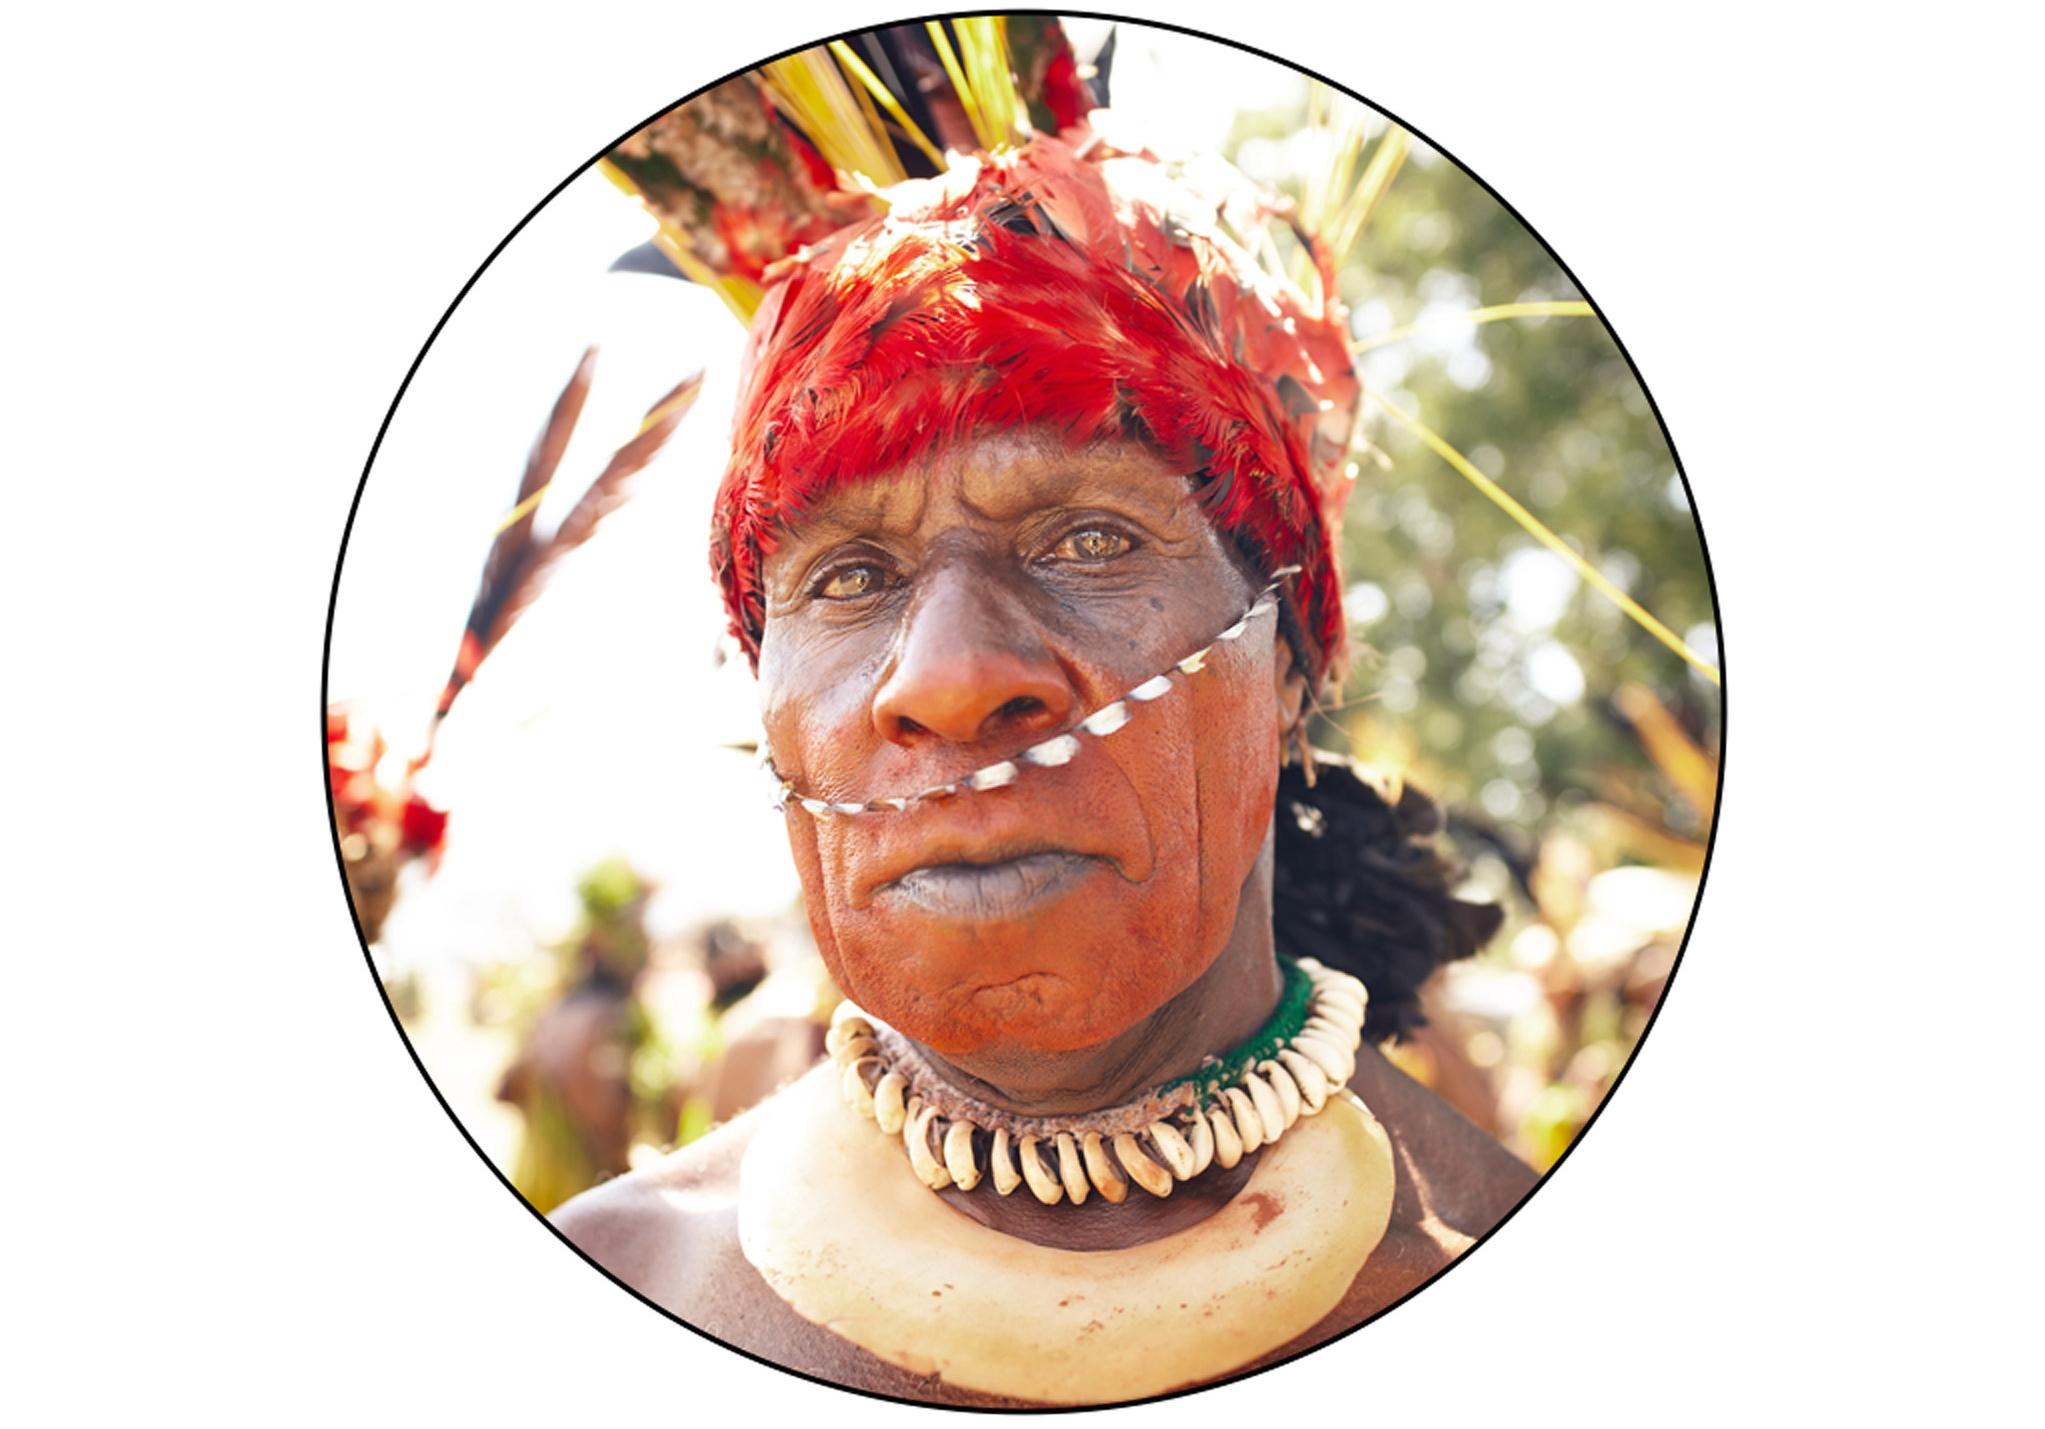 ATRIGU WARRIOR IN PAPUA NEW GUINEA